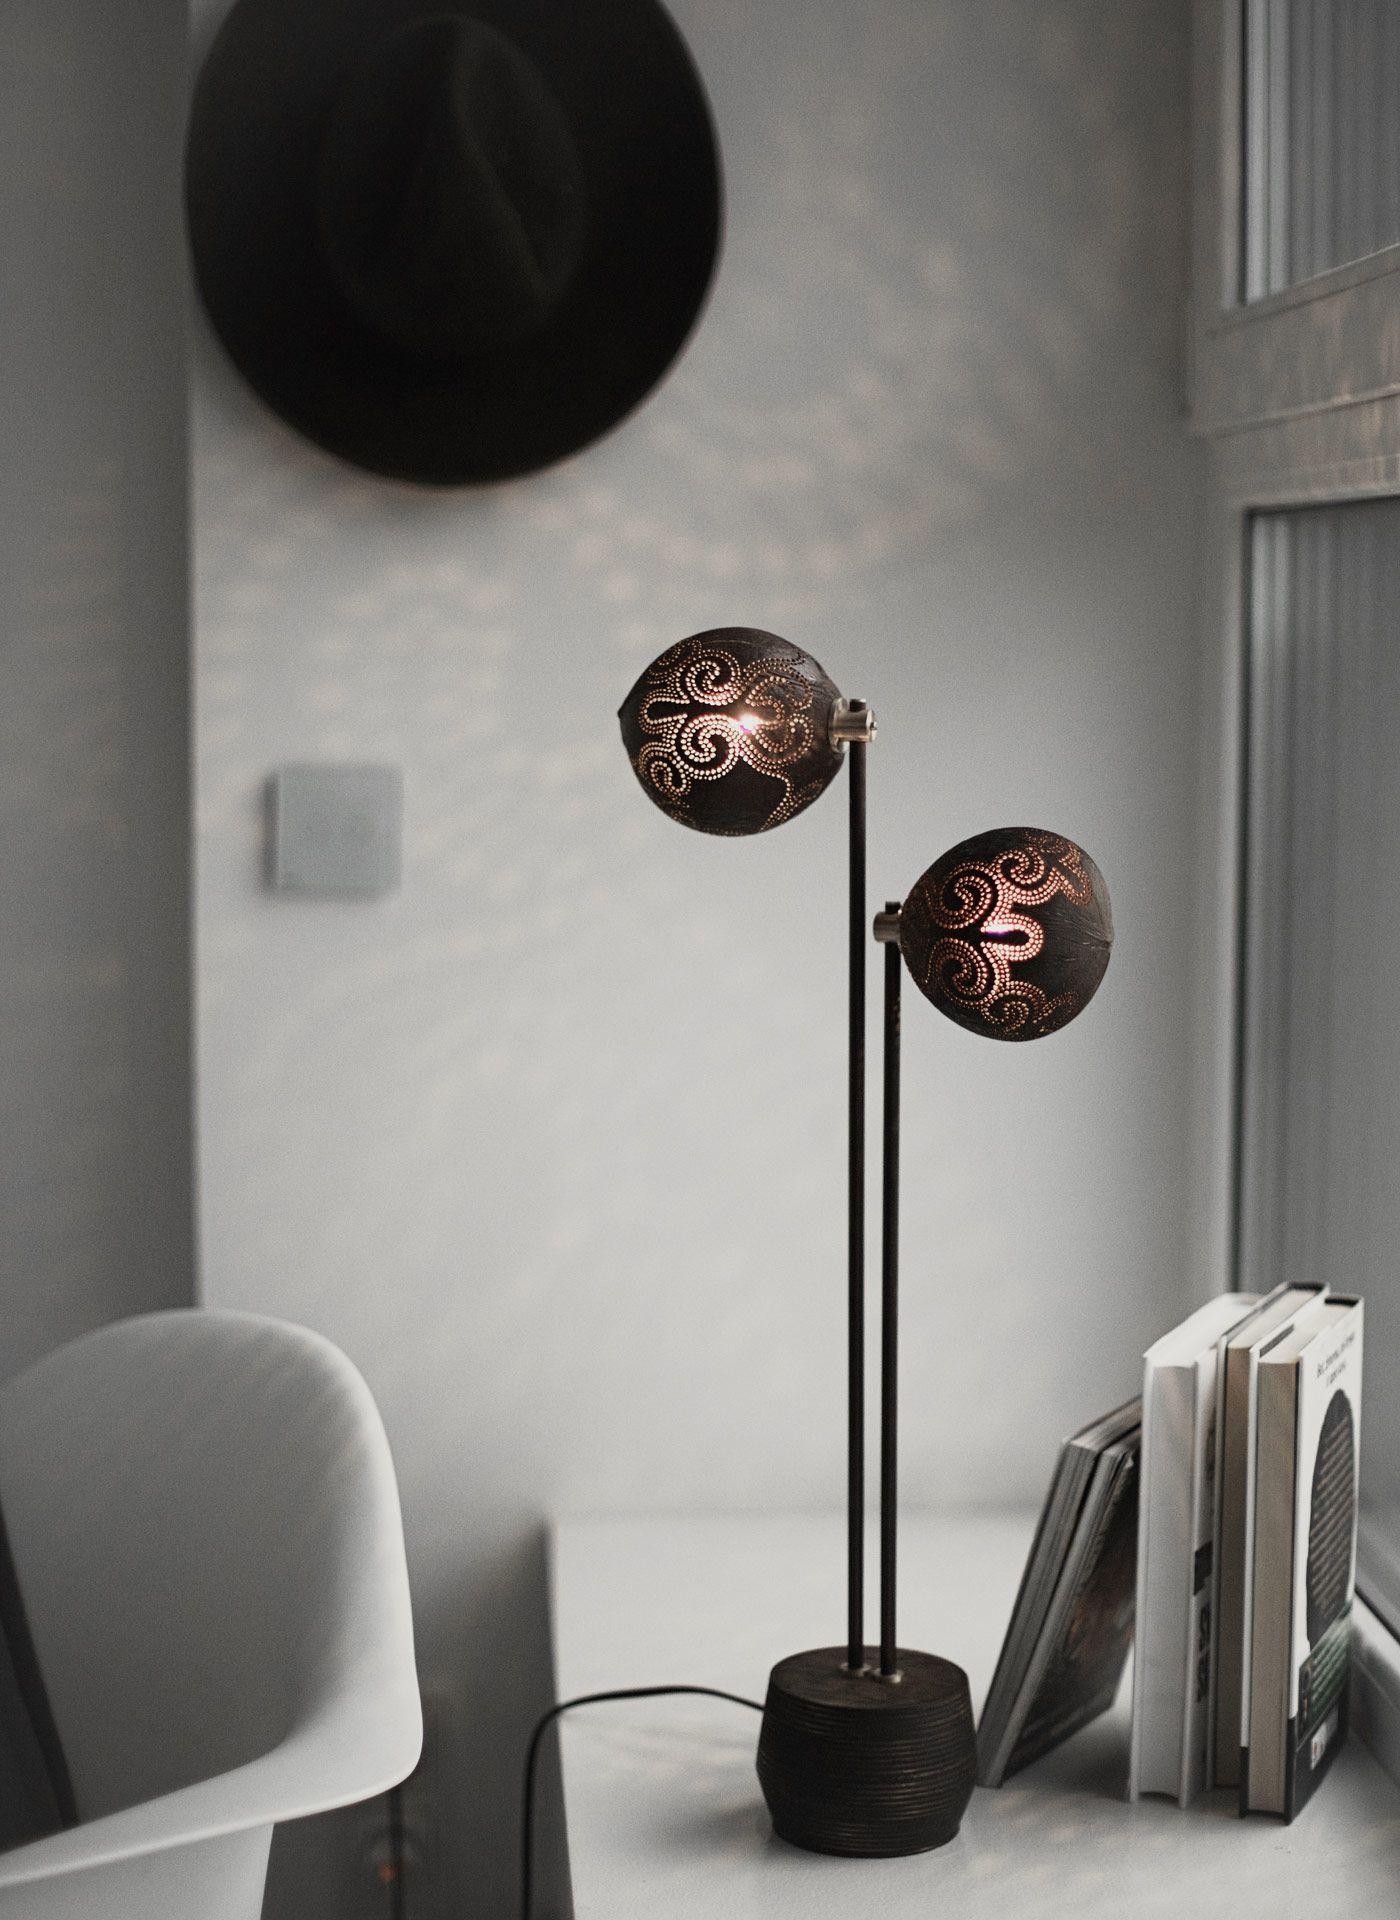 63cc5e9dc5cced1e8cecdb7344c51fb0 Résultat Supérieur 60 Luxe Lampe Decorative Stock 2018 Ldkt